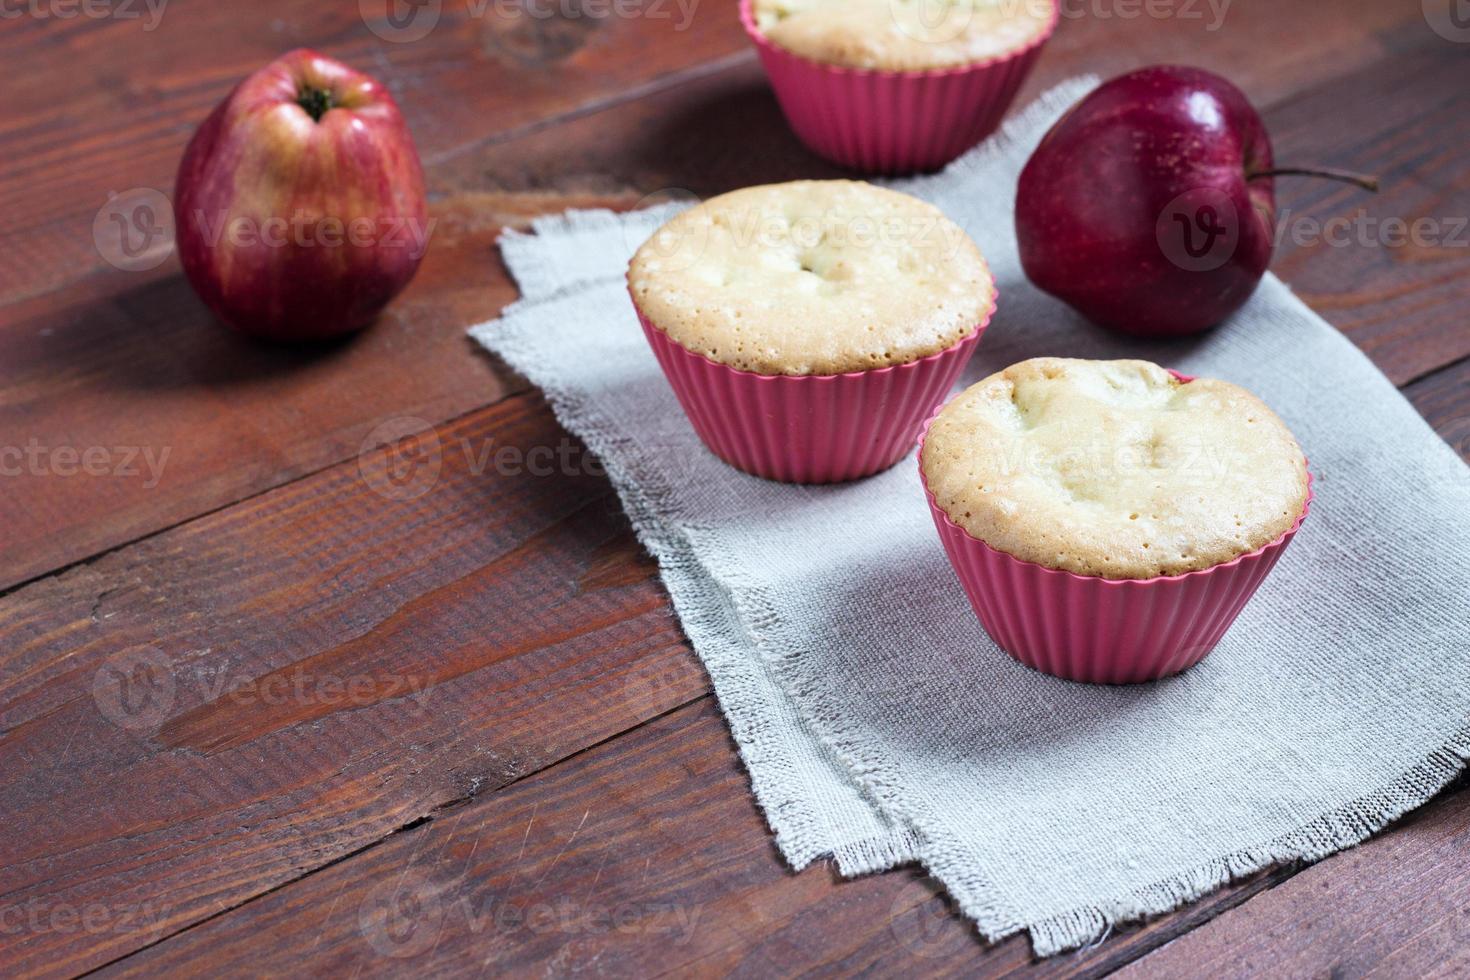 muffins de maçã frescos e quentes com maçãs no fundo foto